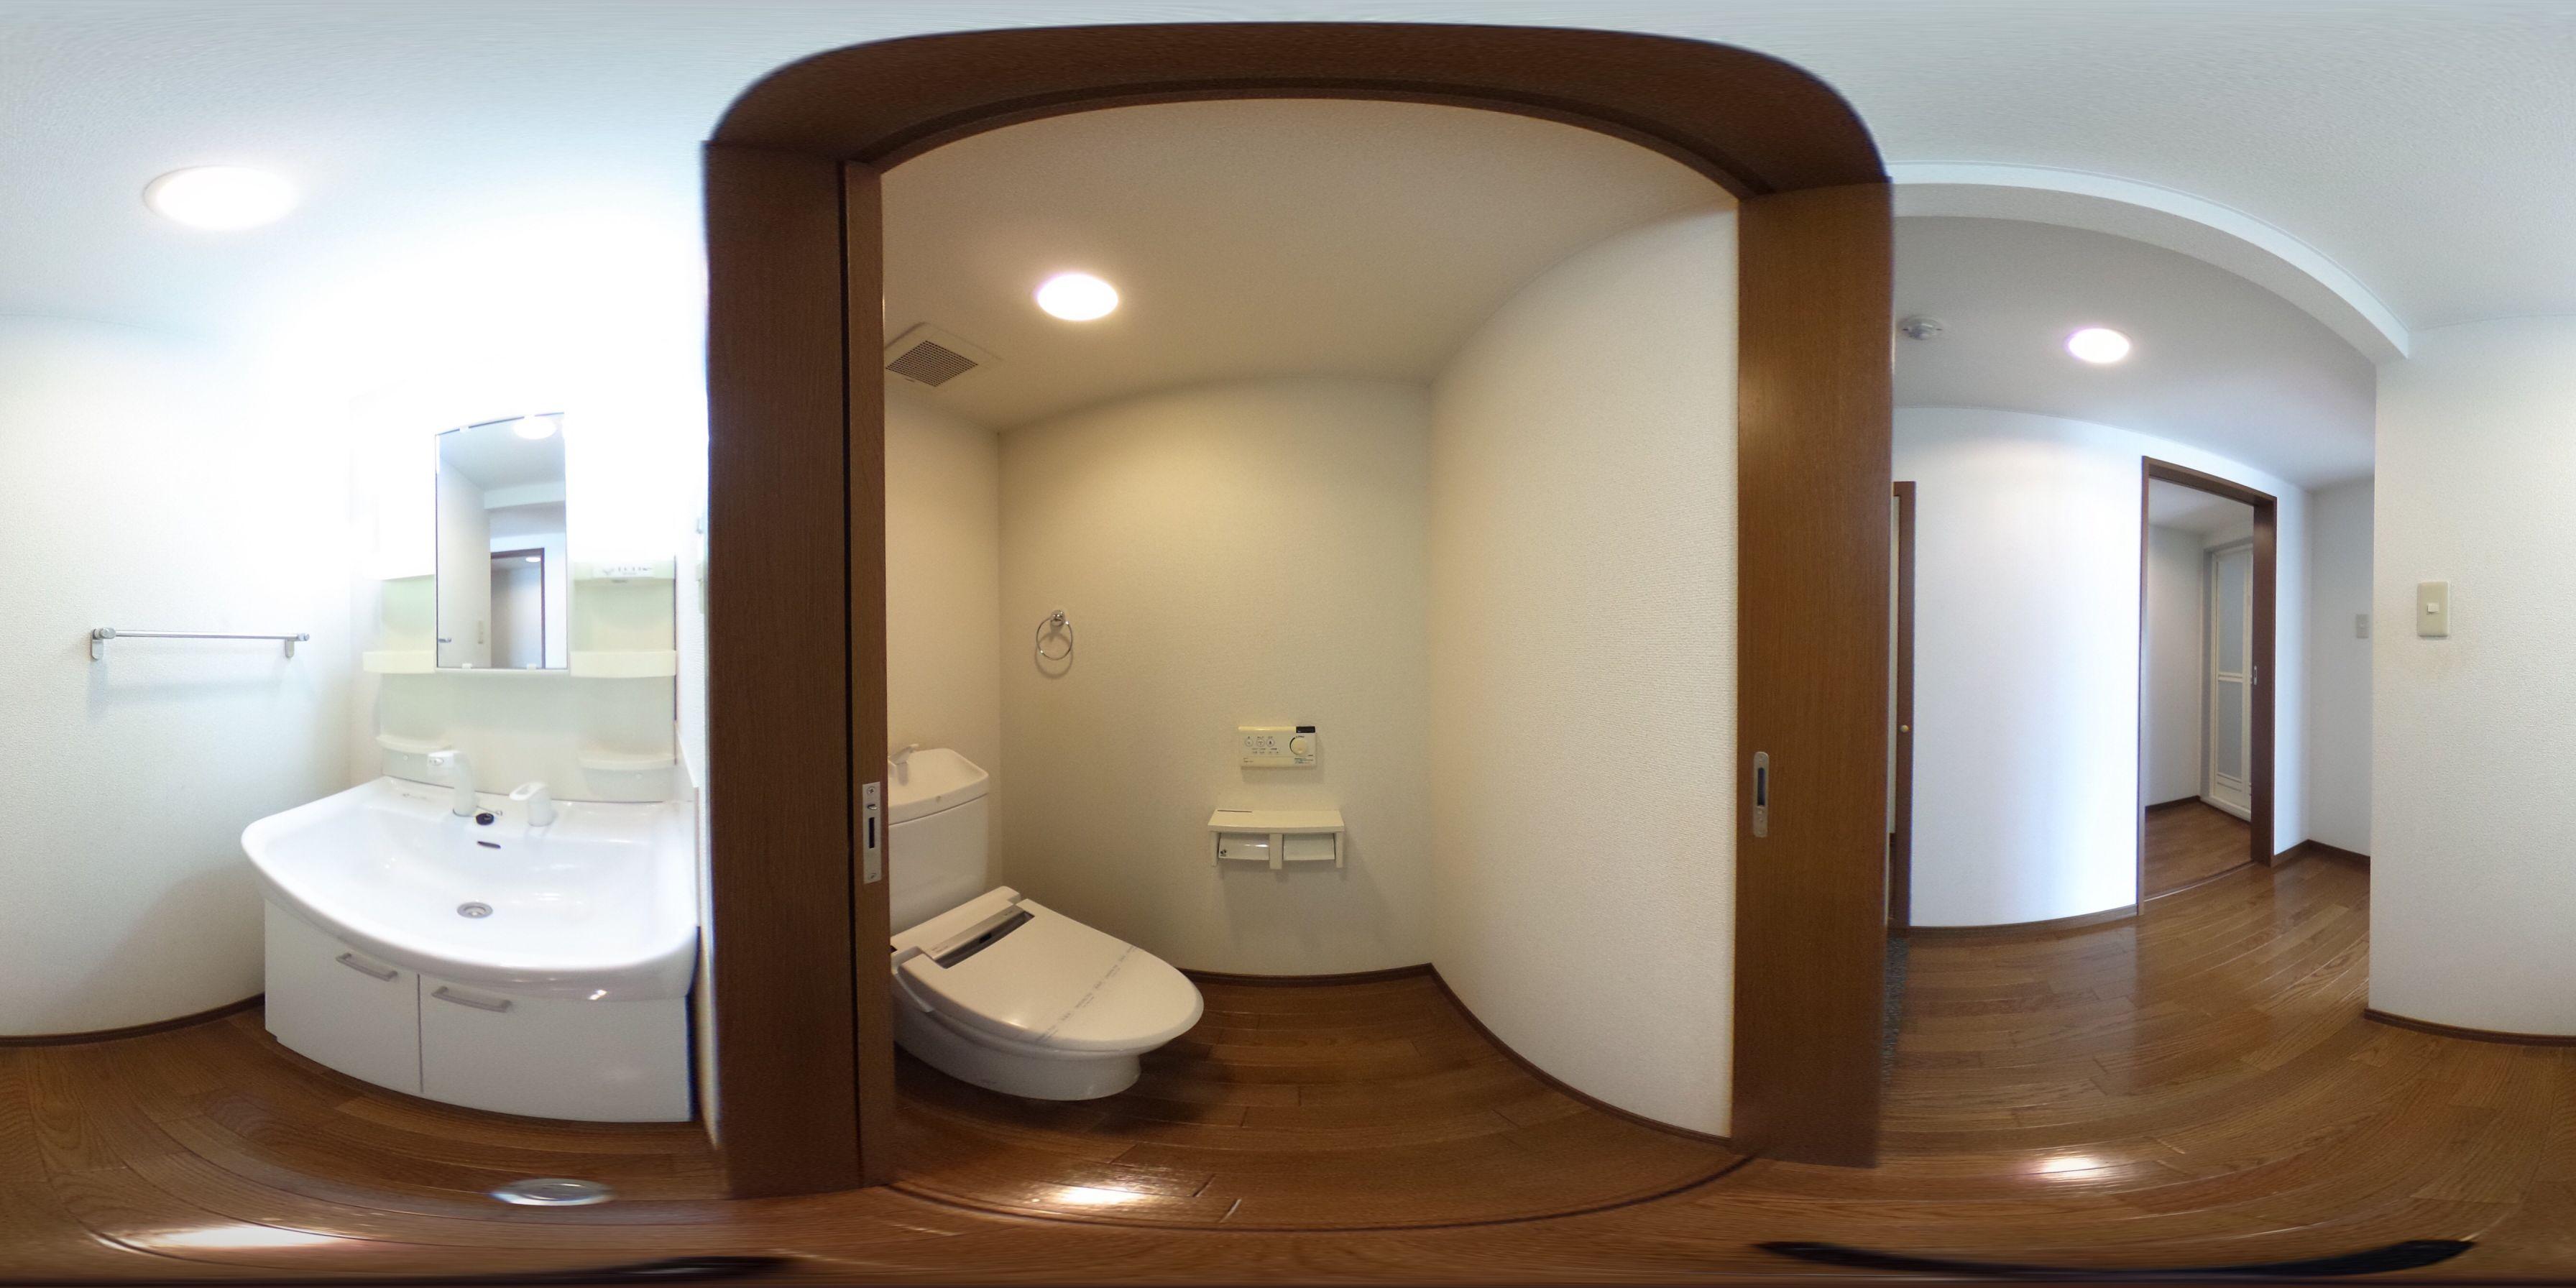 徳島市中徳島町 賃貸マンション 1Kパノラマ画像